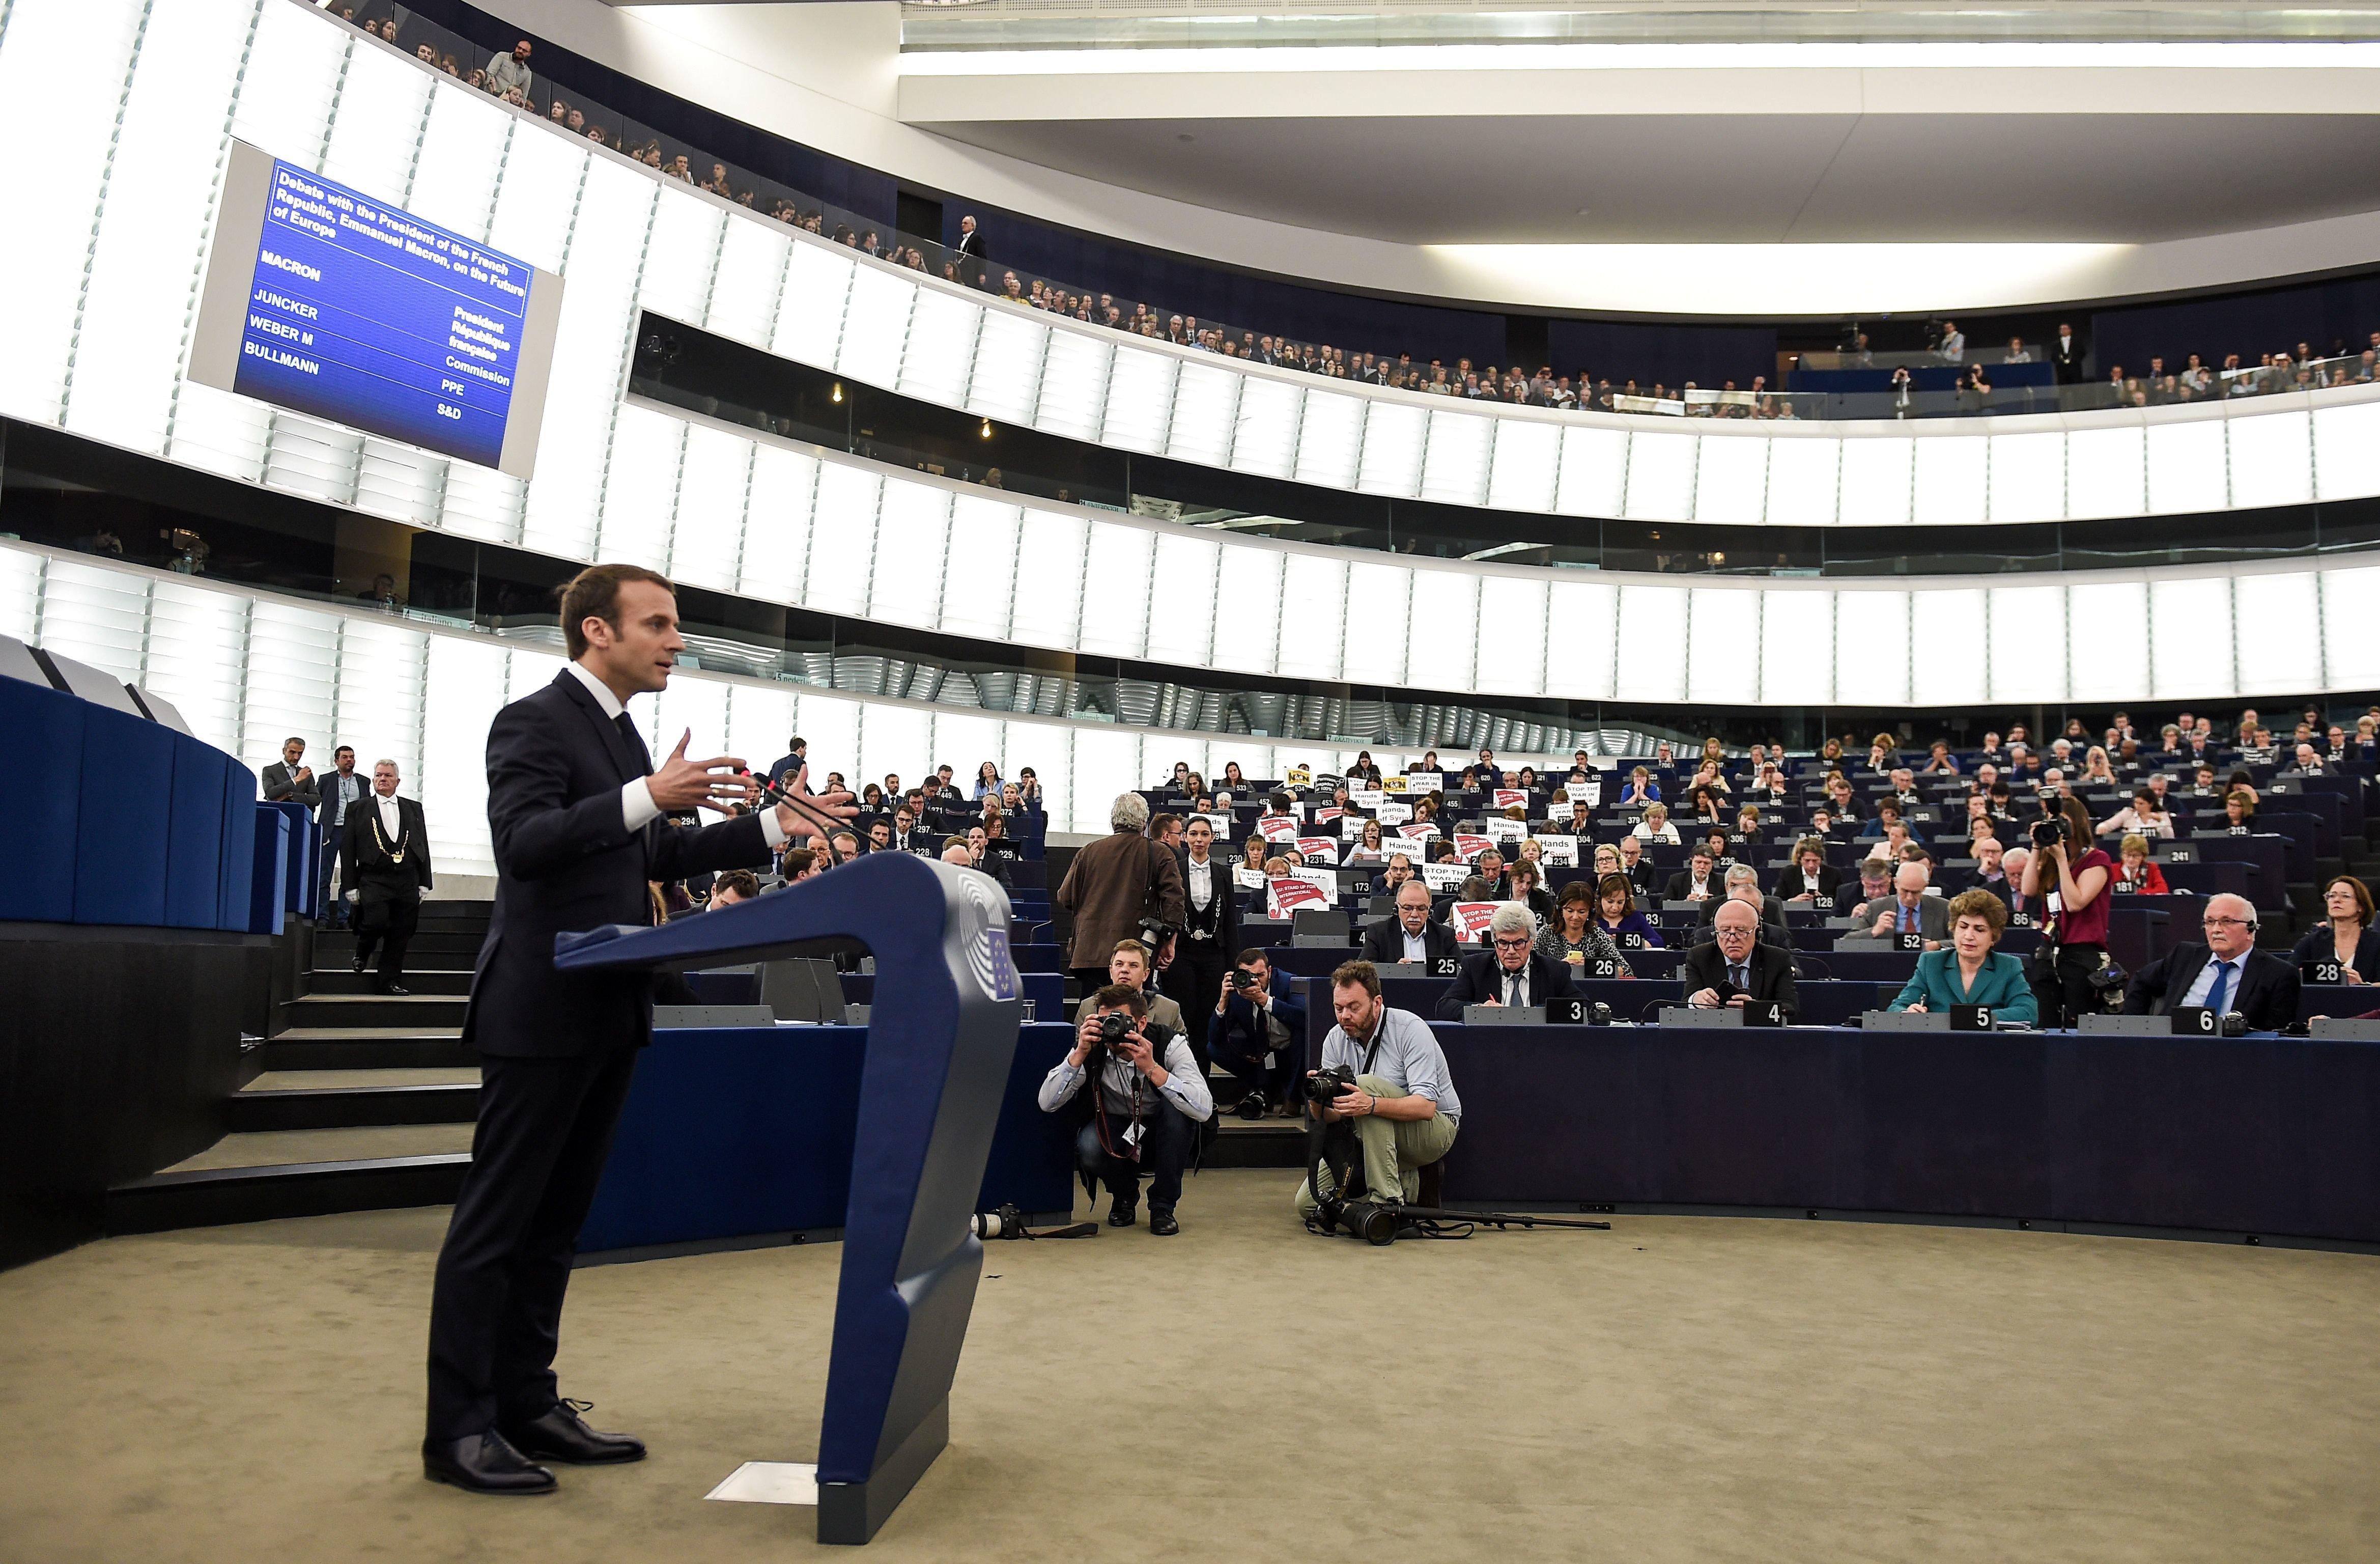 Τι περιλαμβάνει η πρόταση ψηφίσματος στο Ευρωκοινοβούλιο για την απελευθέρωση των δύο ελλήνων